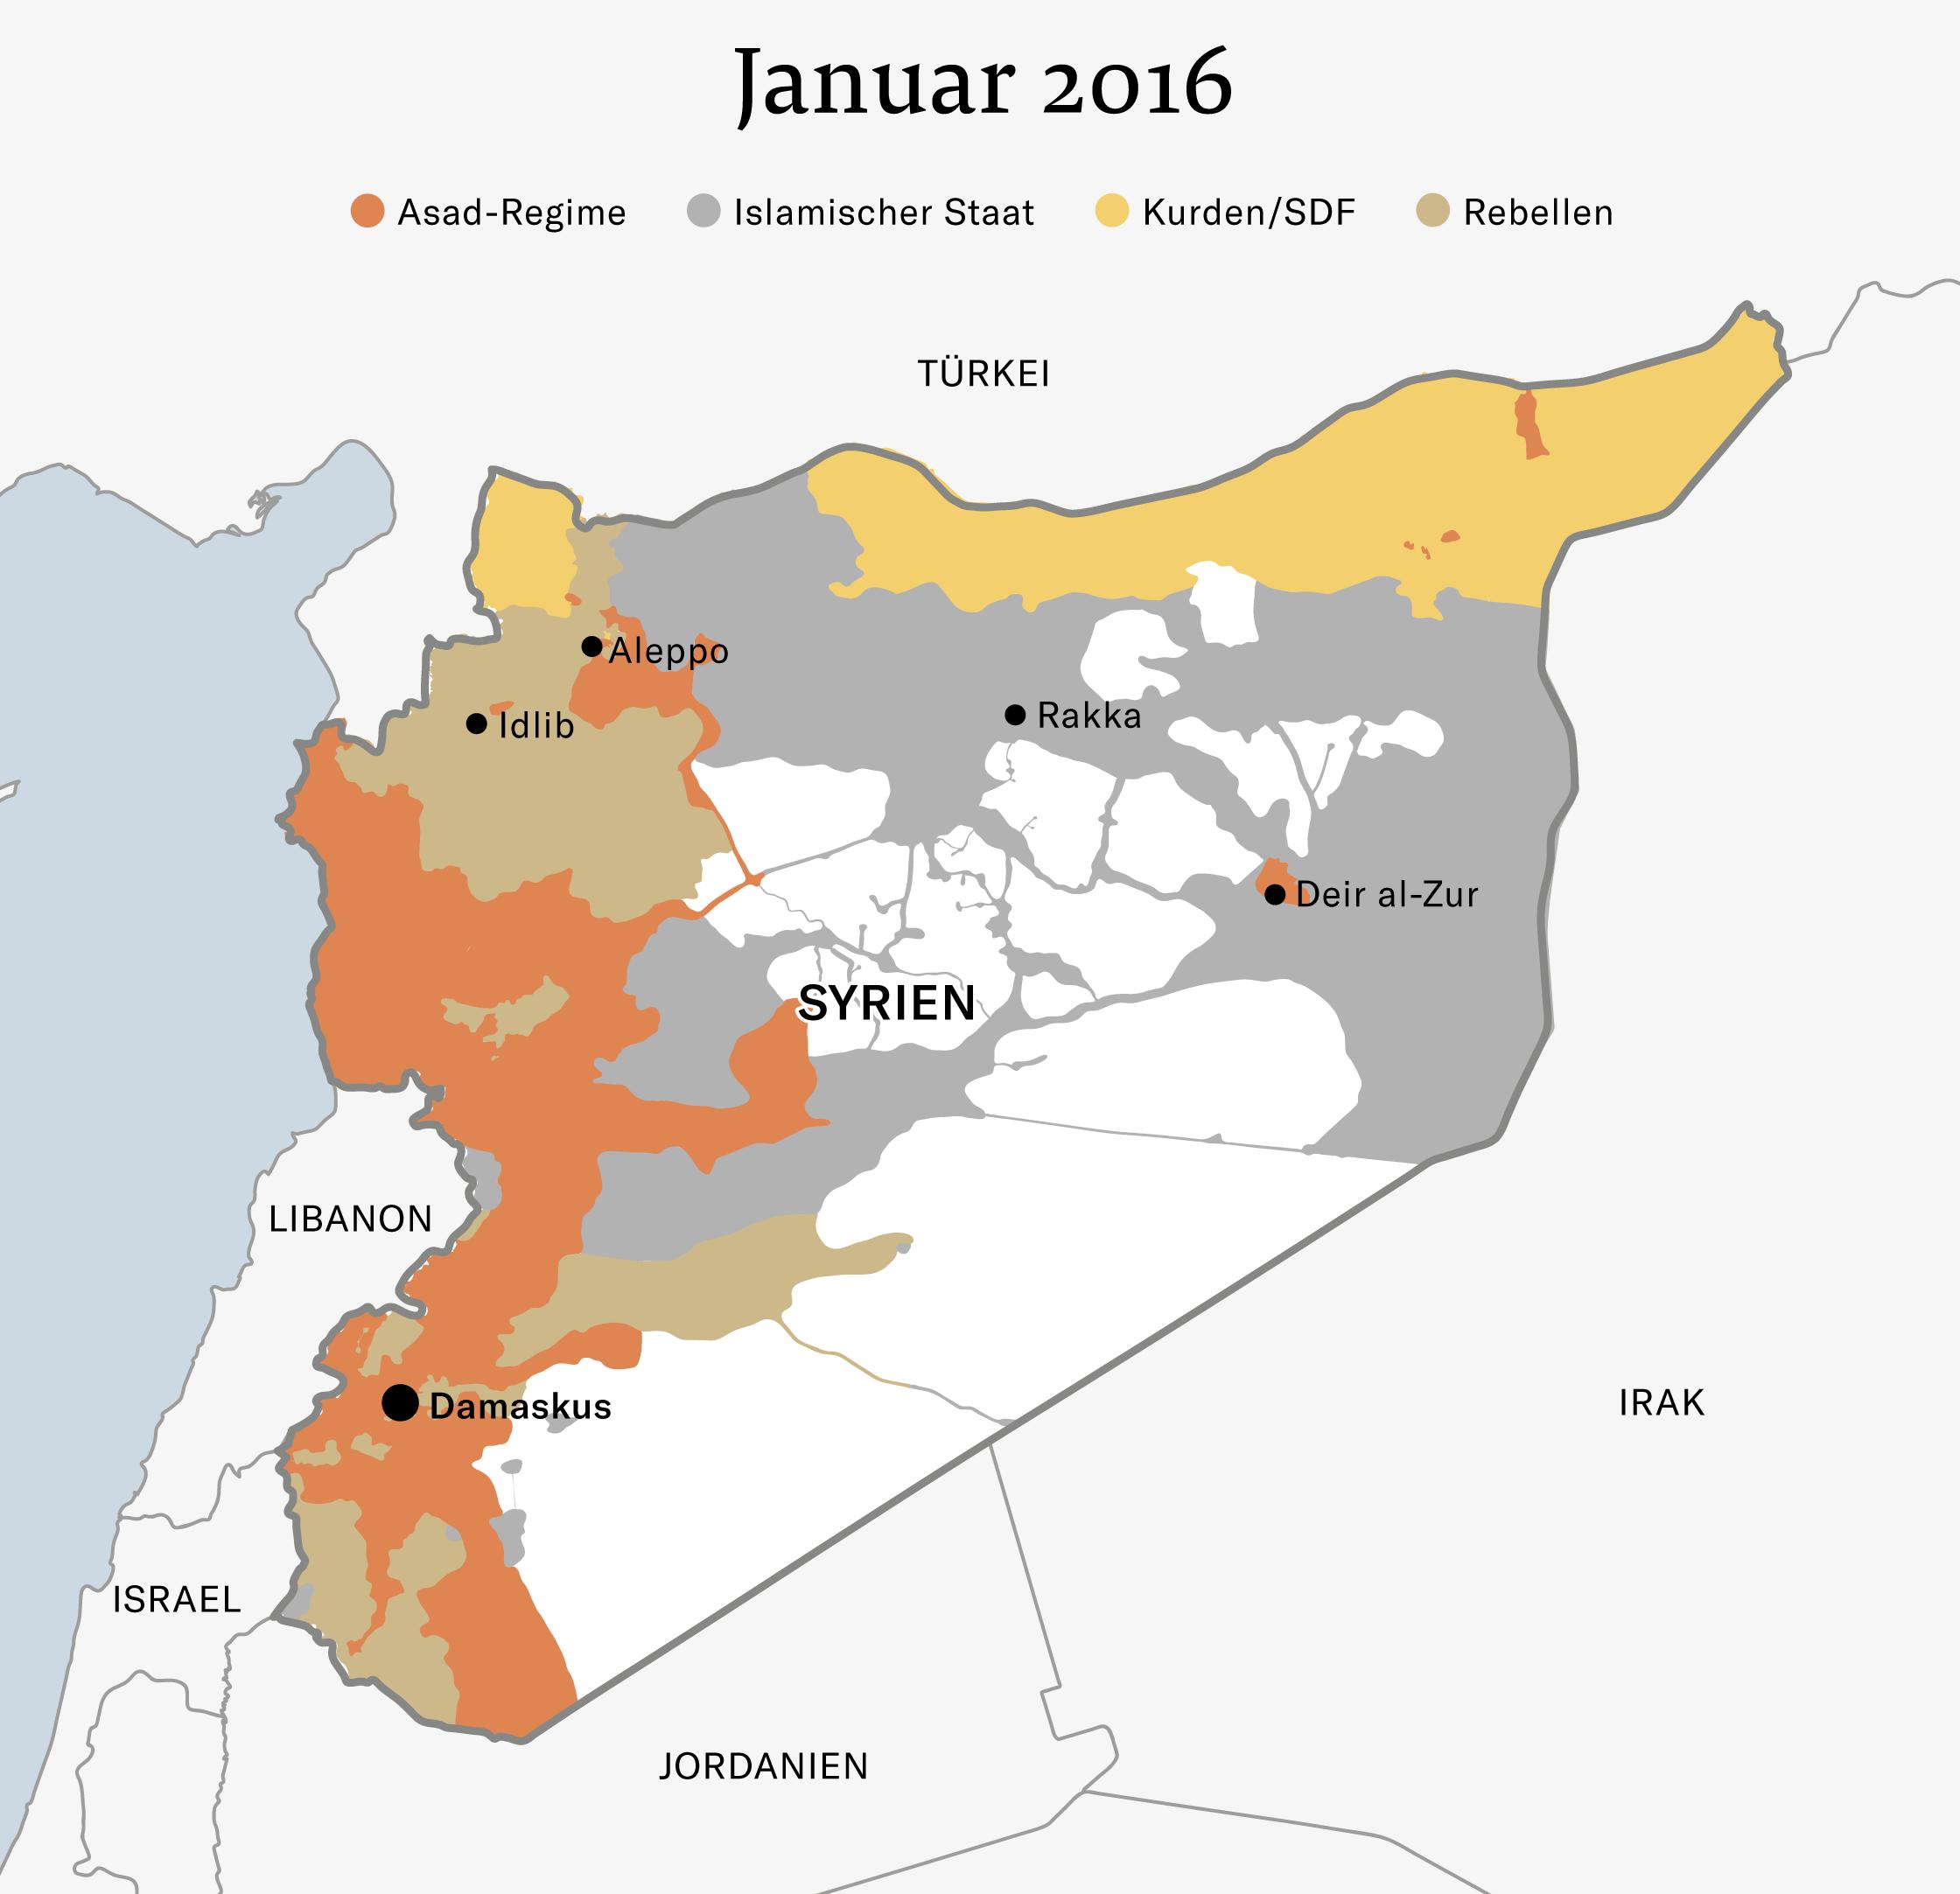 Syrien Irak Karte.Syrien Antworten Zur Lage Im Syrien Konflikt Nzz